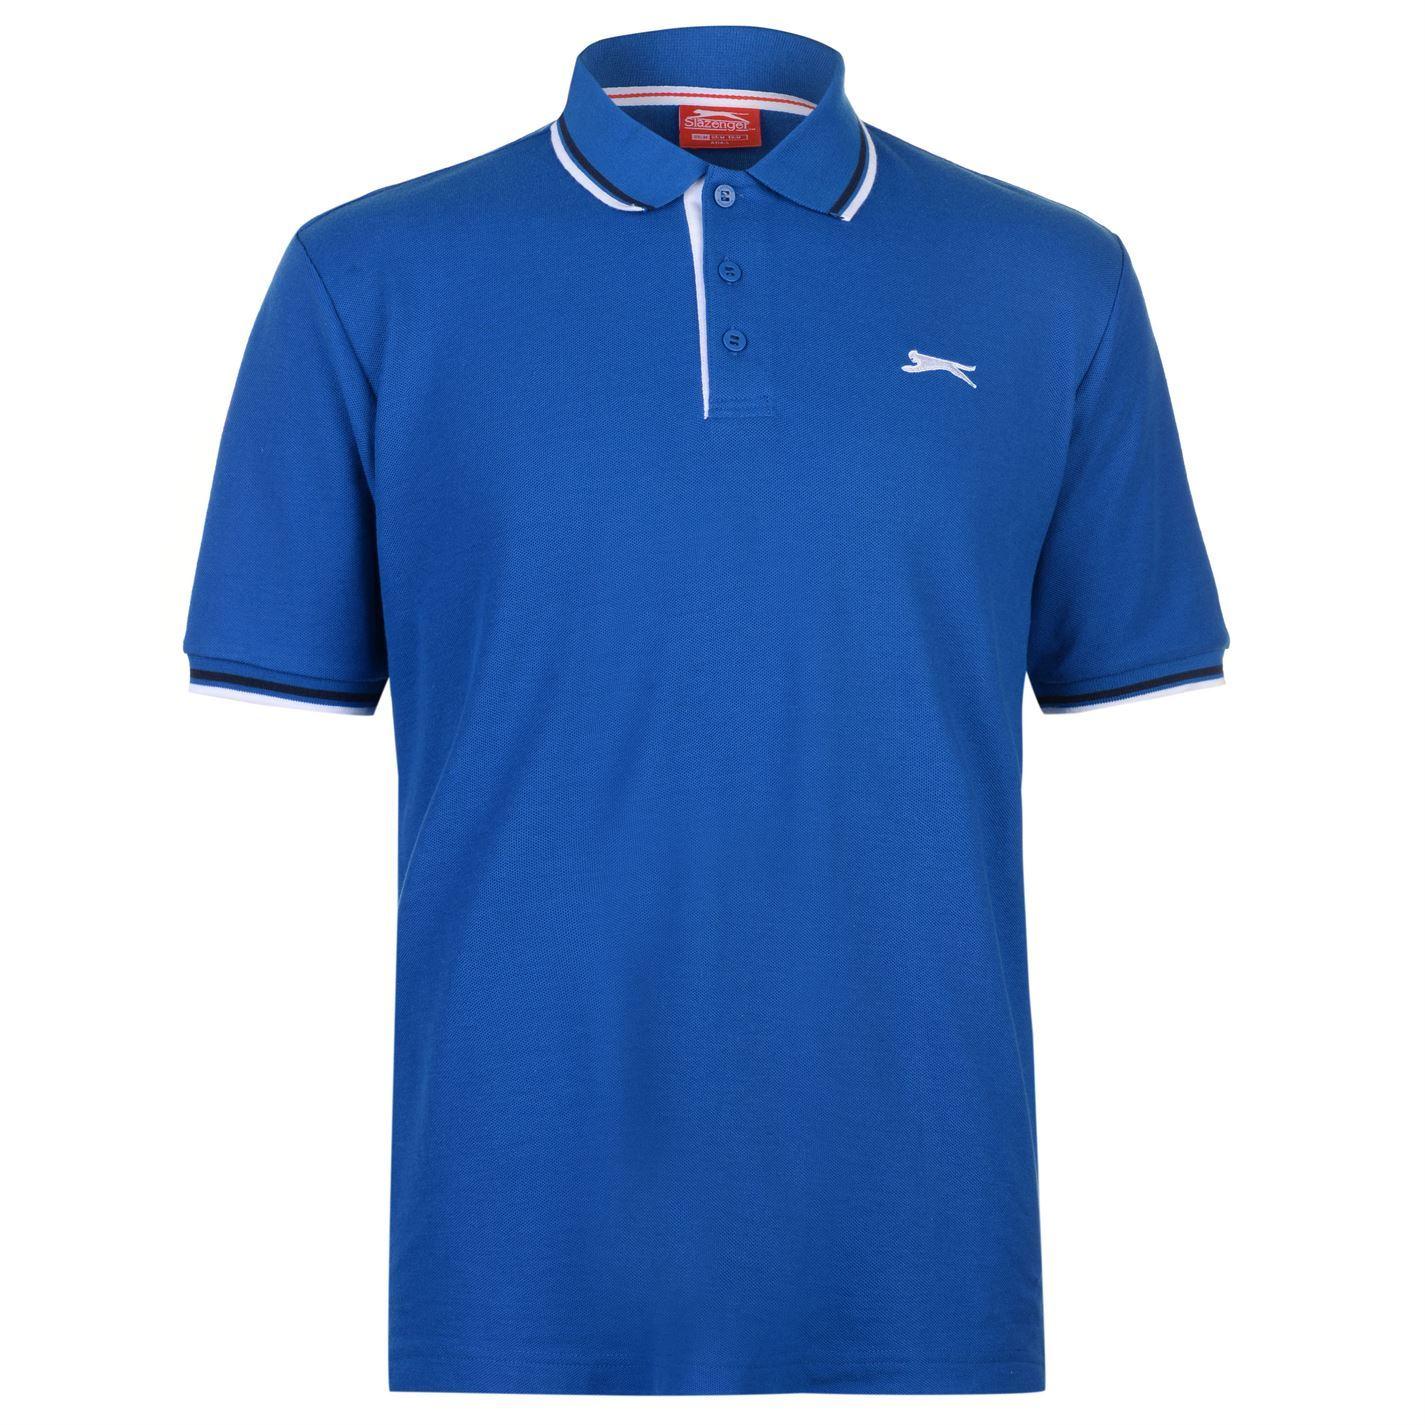 Slazenger-Polo-Camisa-de-hombre-con-cuello-con-Punta-T-Shirt-Top-Camiseta-Tee miniatura 15